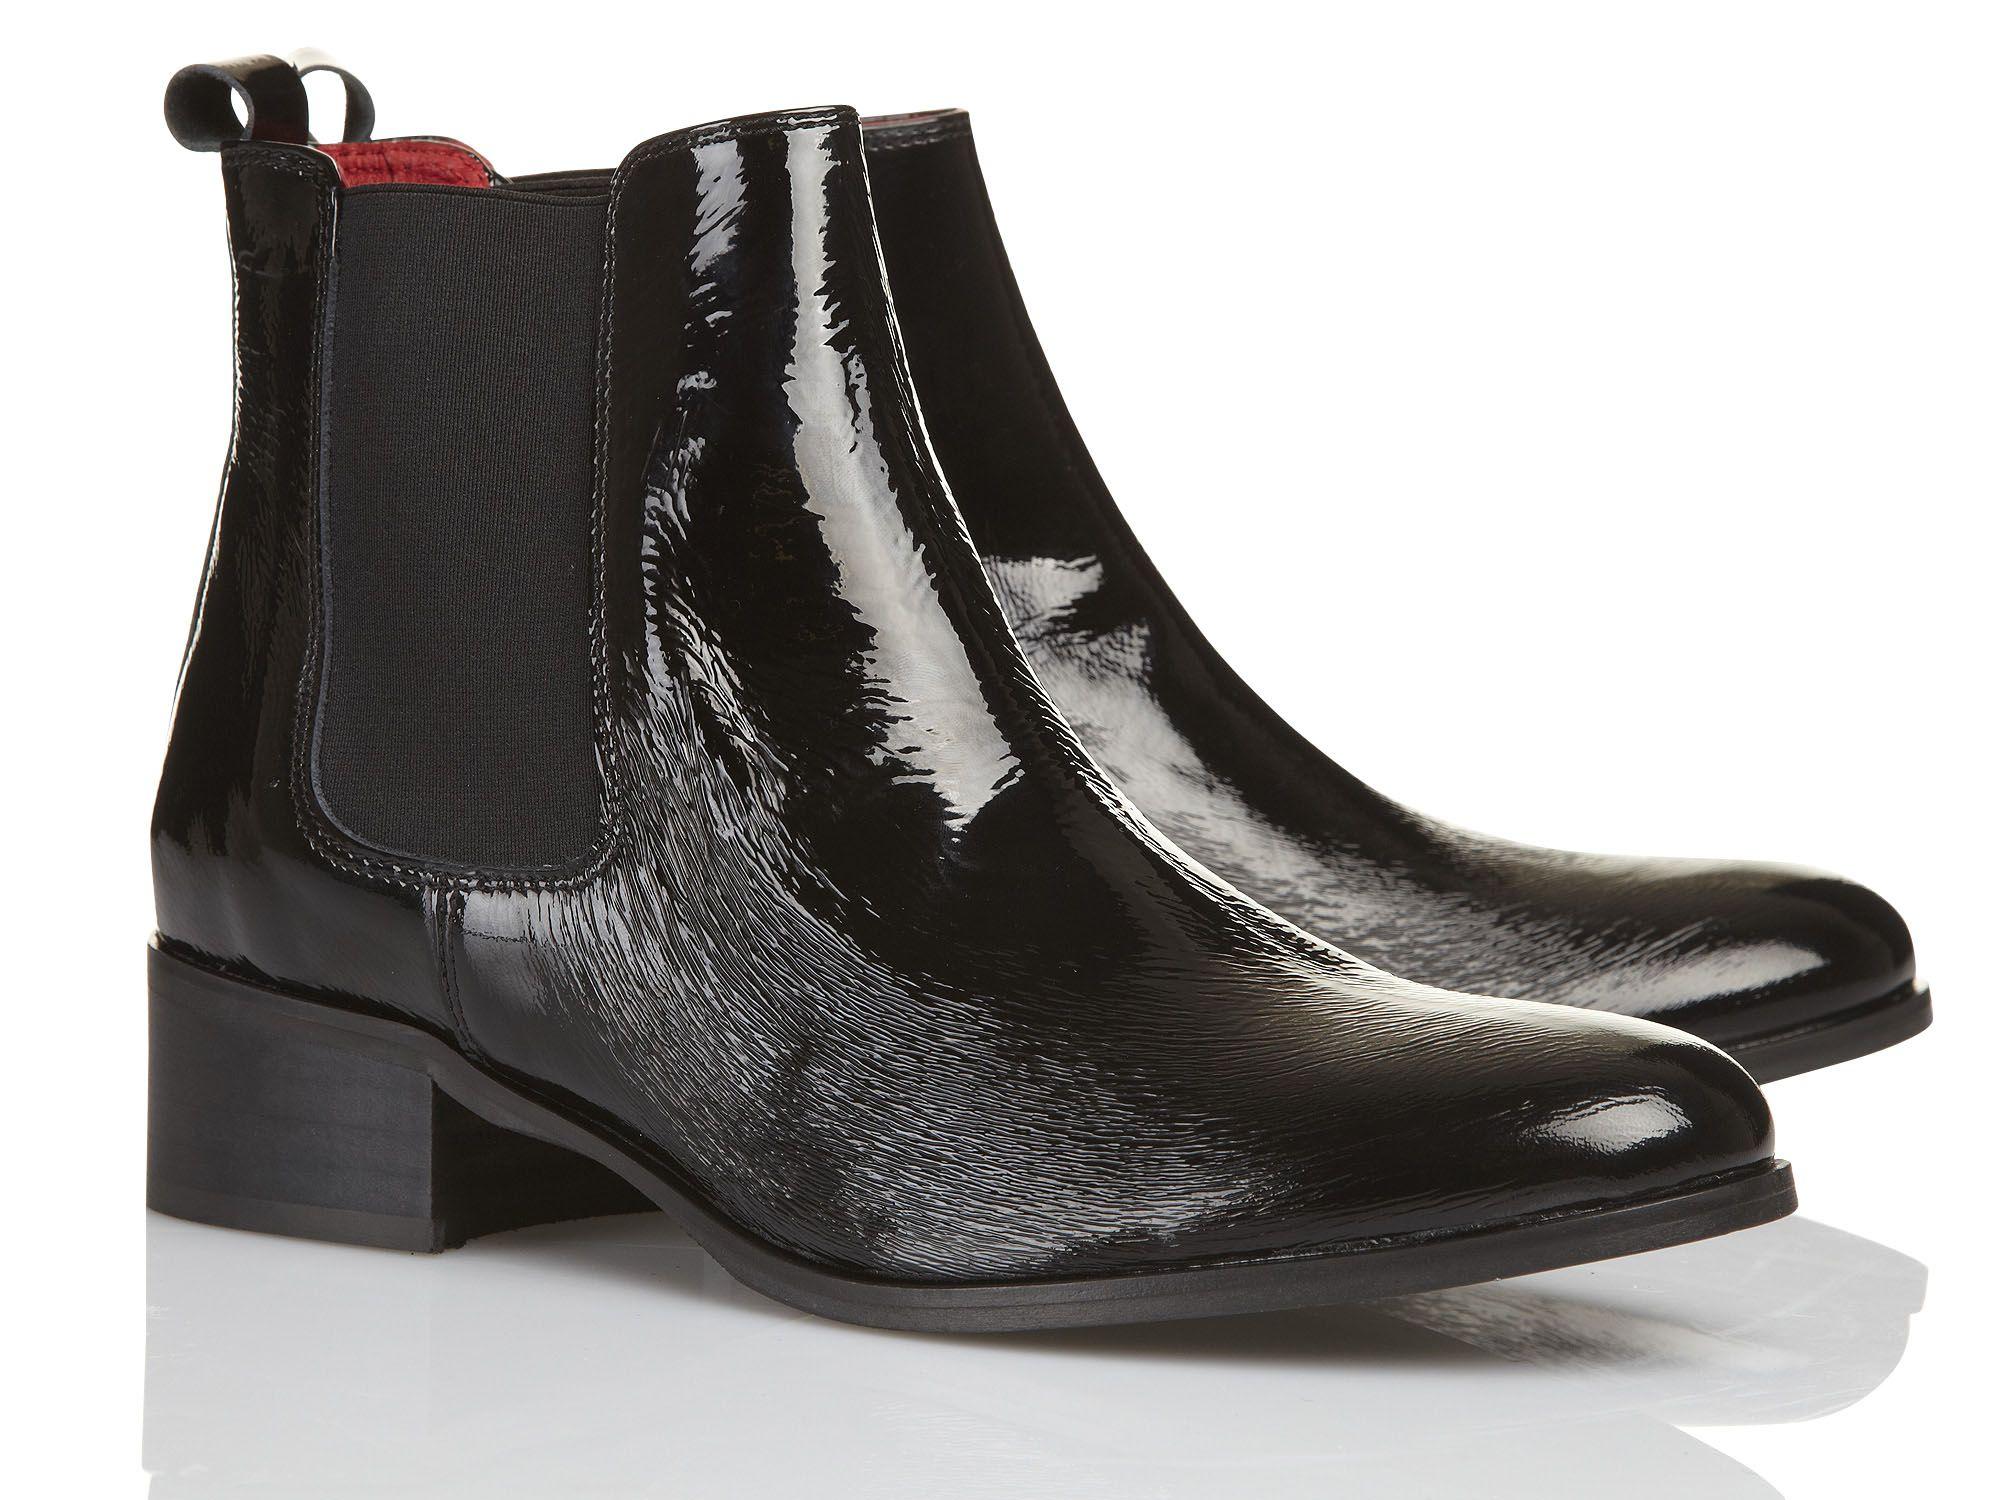 Boots en cuir Noir by PASTELLE